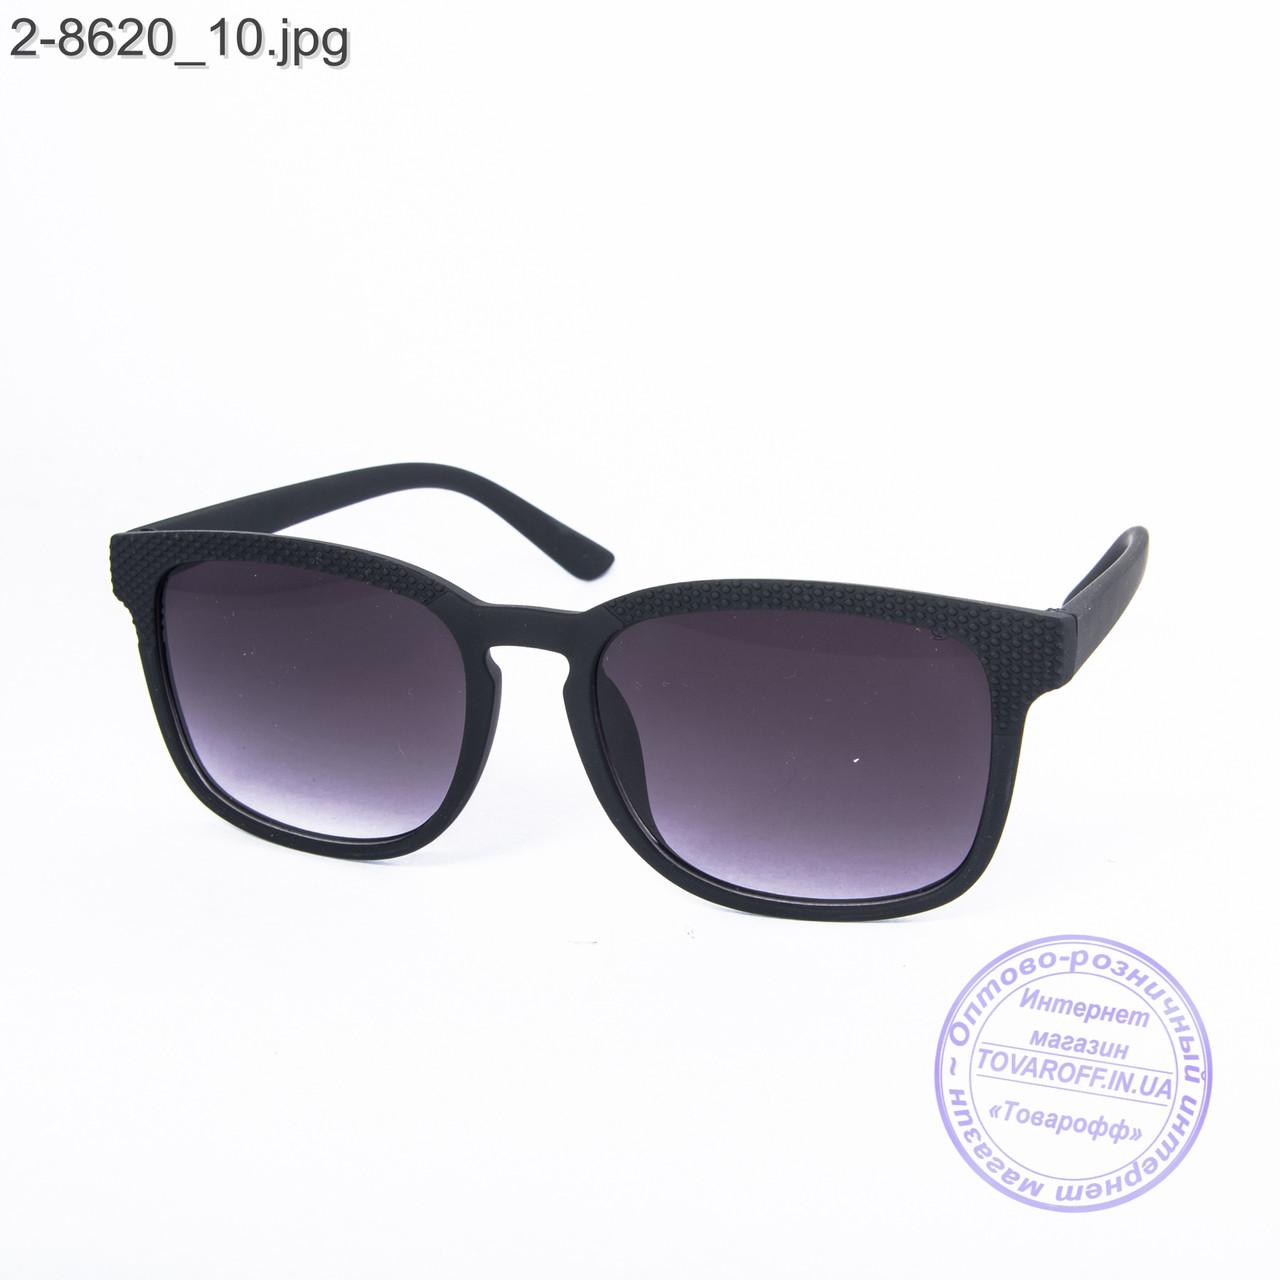 Солнцезащитные очки унисекс - черные - 2-8620